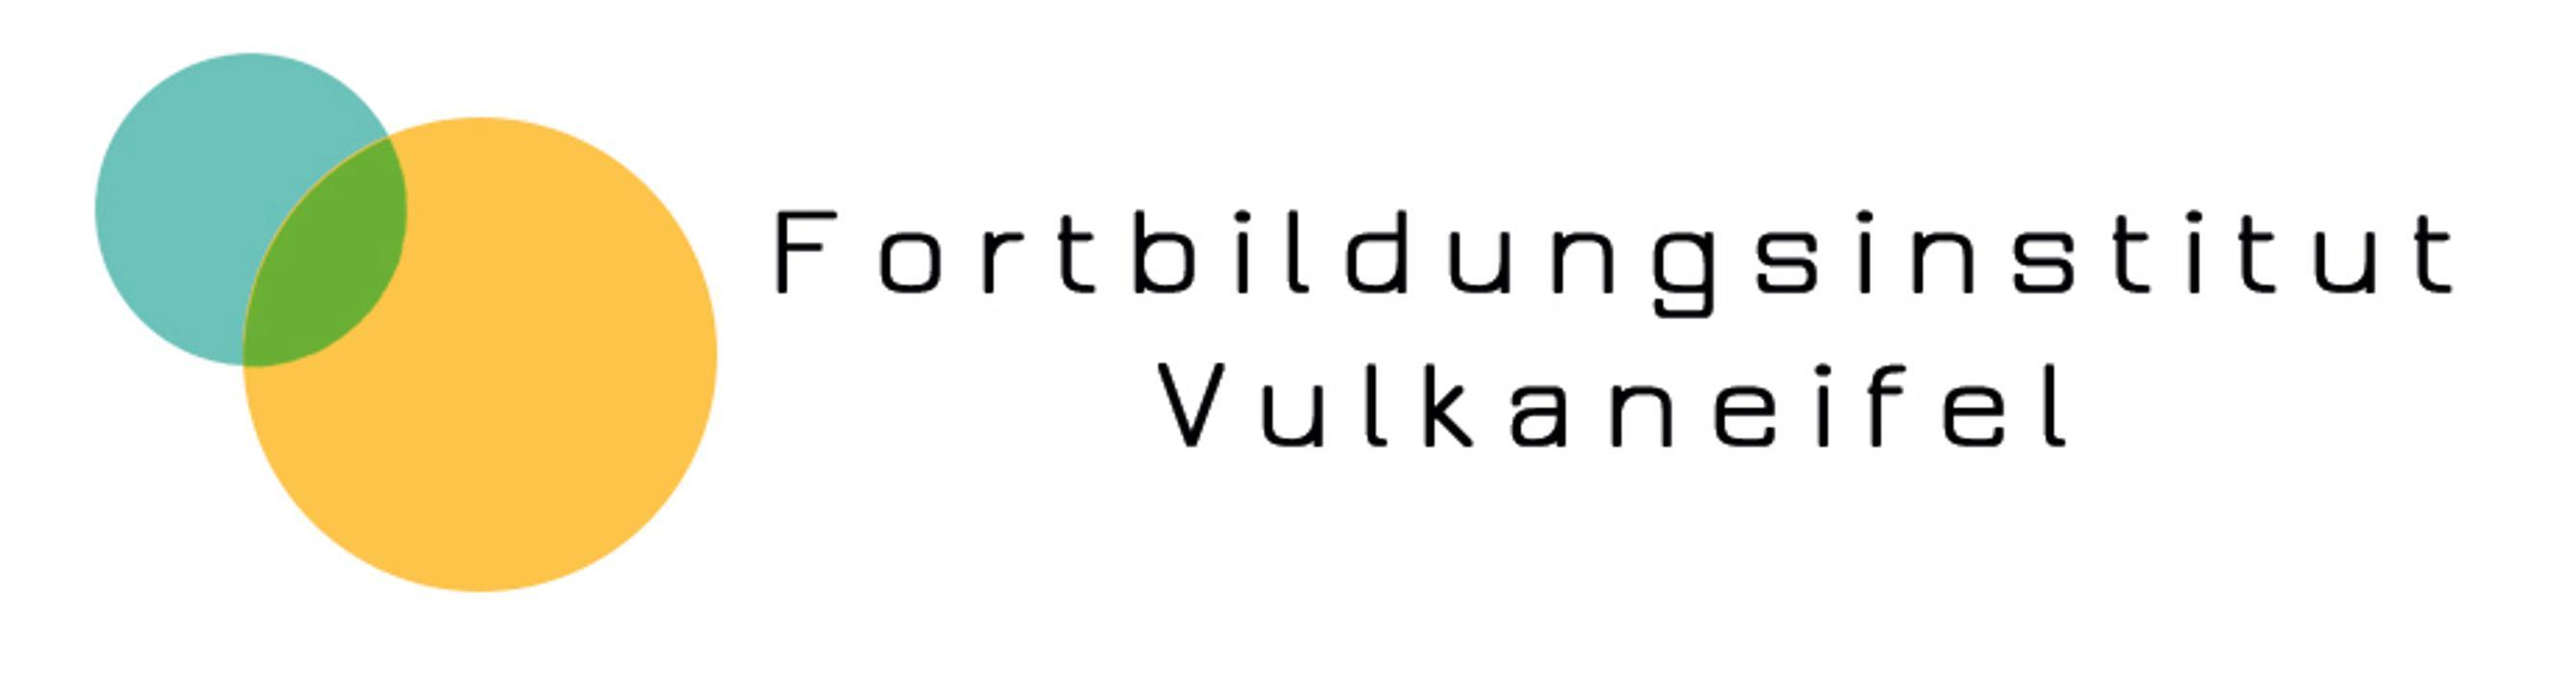 Bild zu Fortbildungsinstitut Vulkaneifel in Ulmen